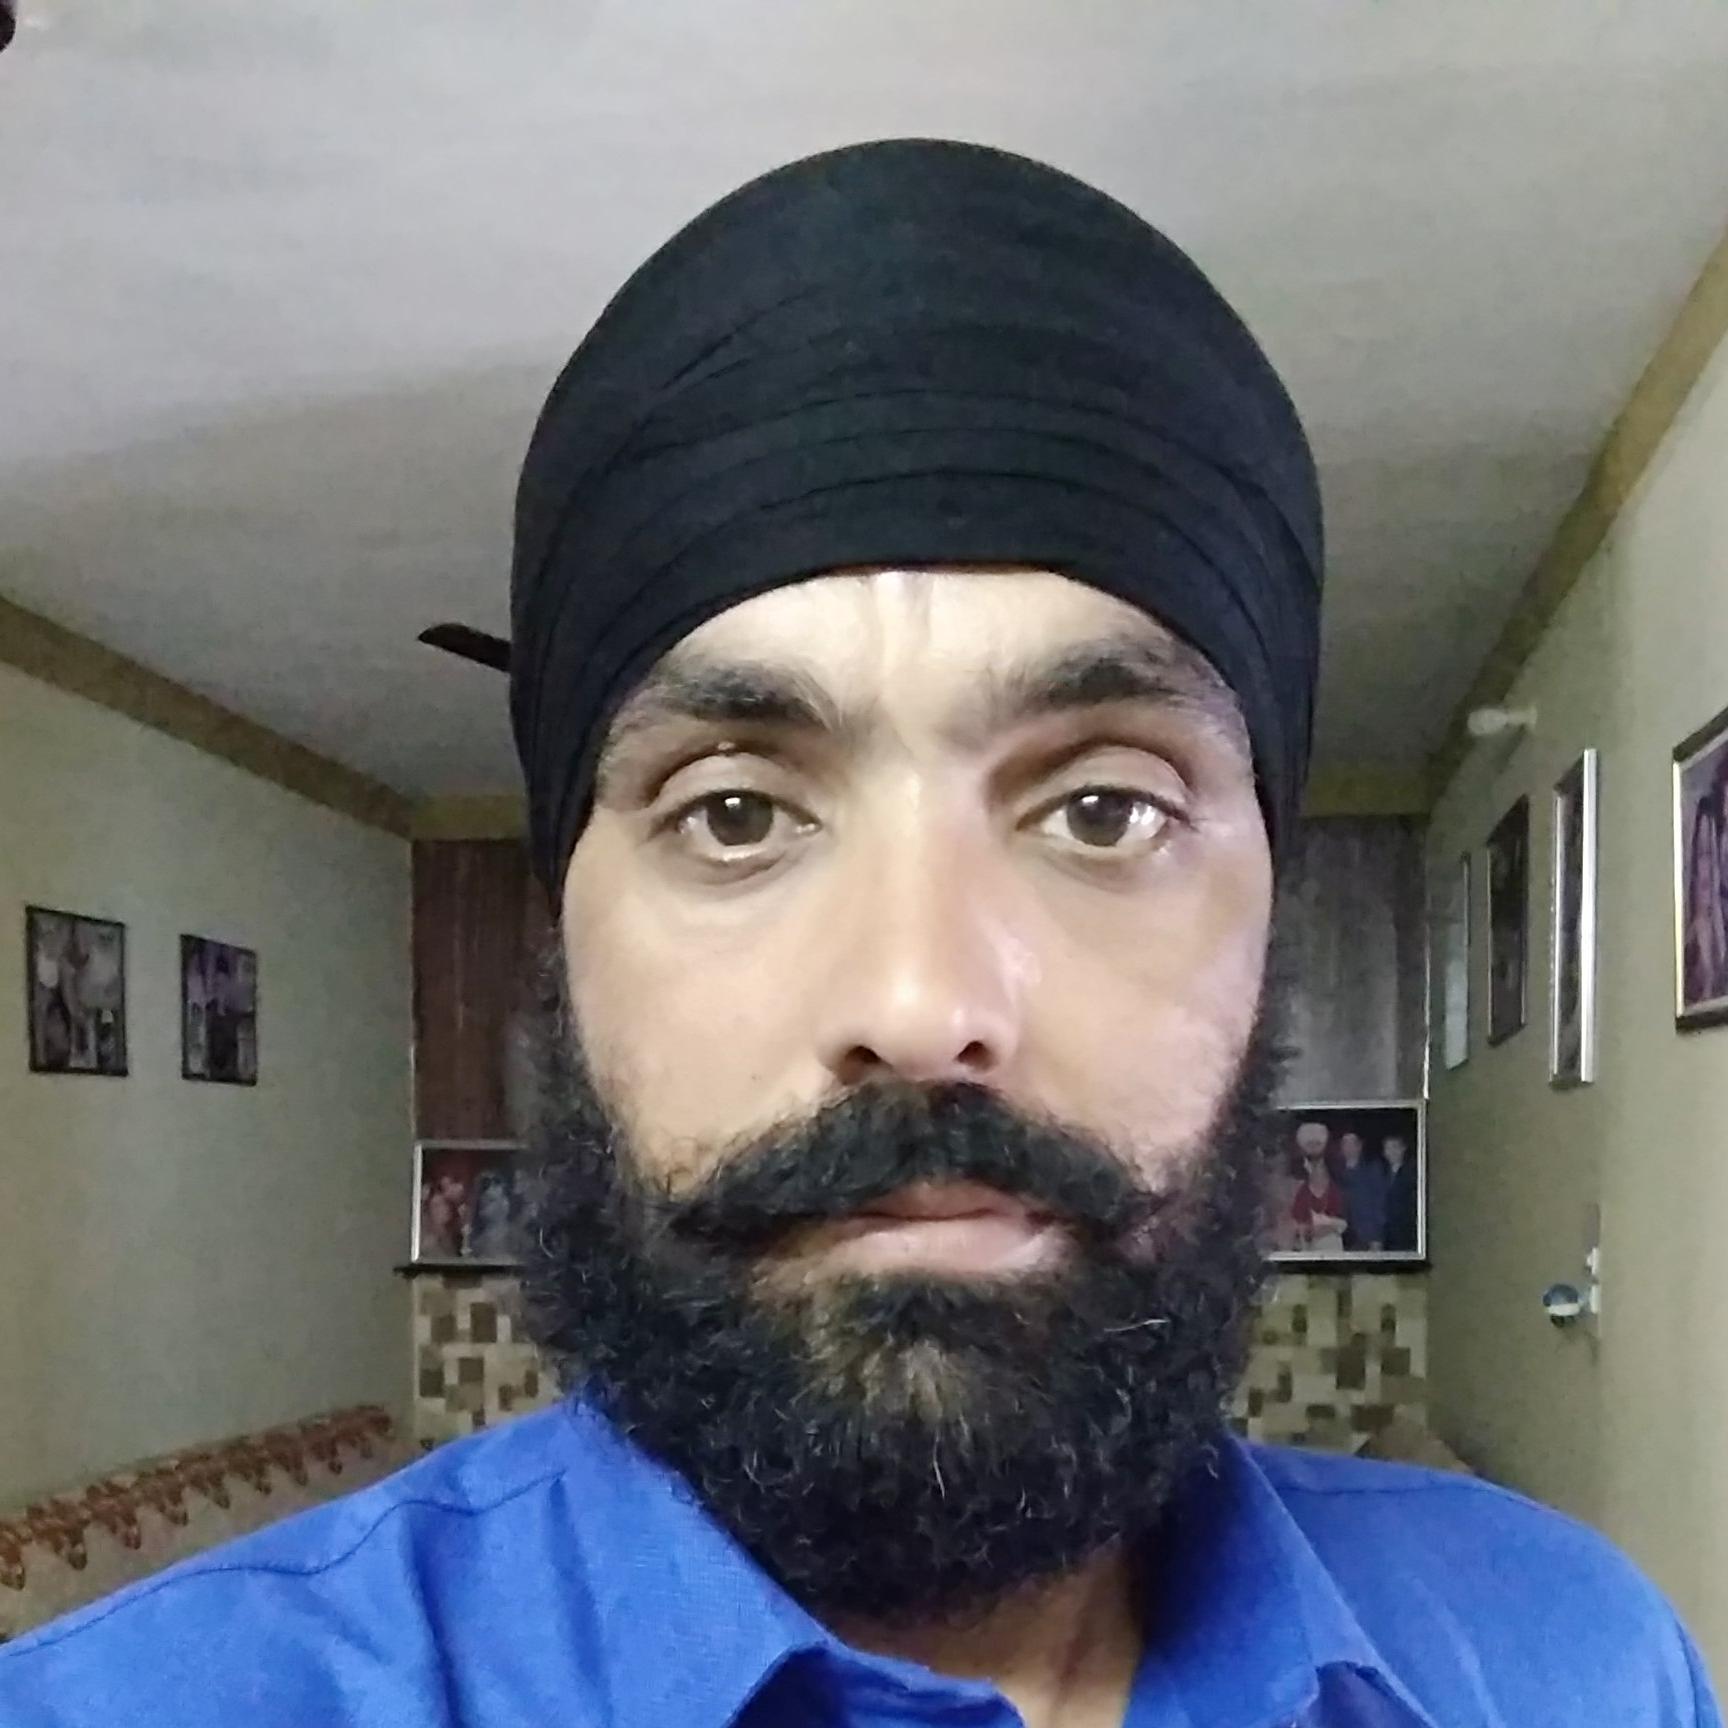 Resham Singh Mahal